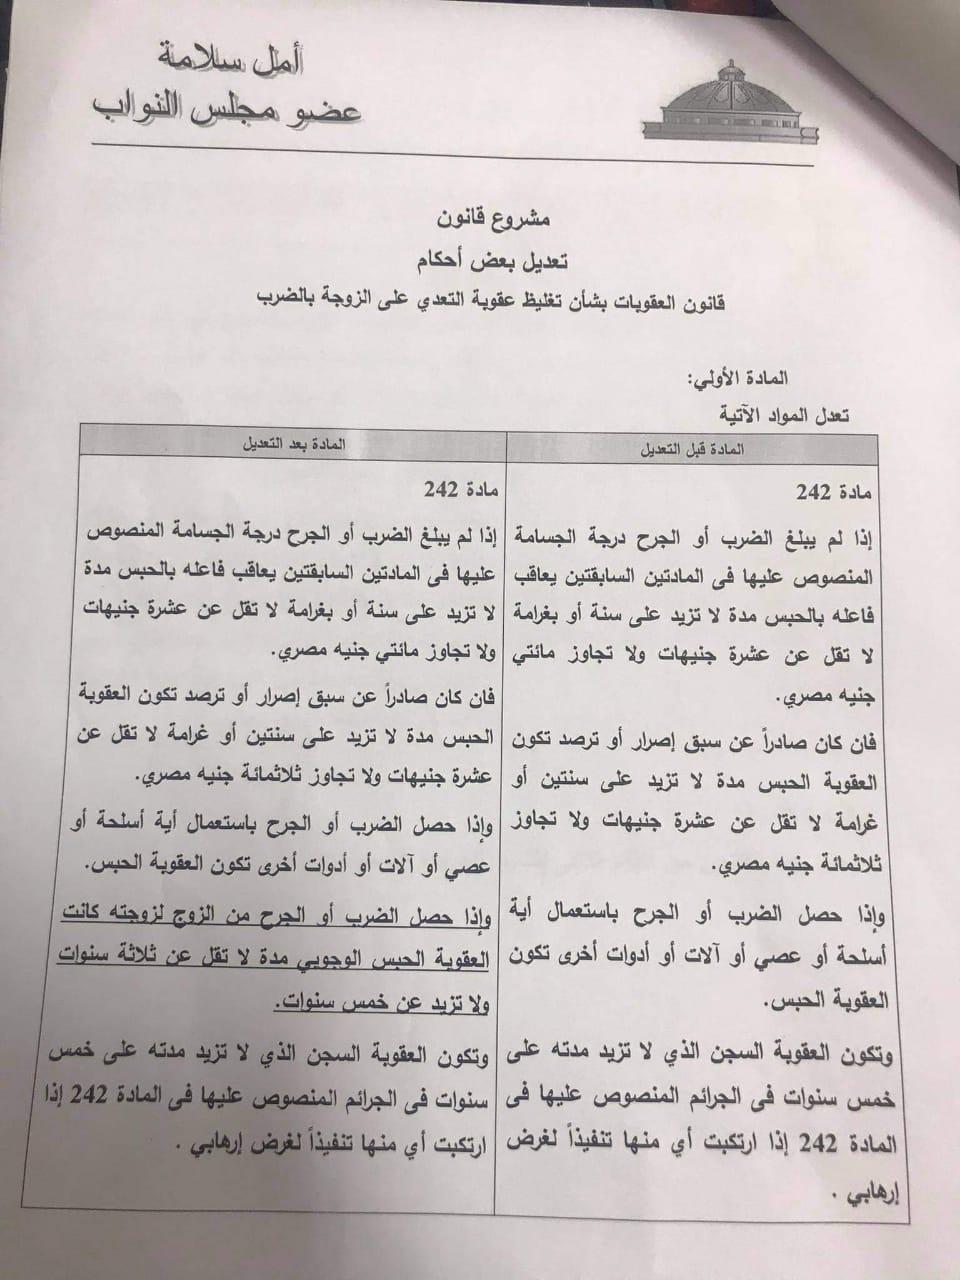 ننشر بالمستندات تفاصيل مشروع قانون بتغليظ عقوبة التعدي على الزوجة بالضرب والحبس من 3 لـ5 سنوات ينتظر الأزواج 4